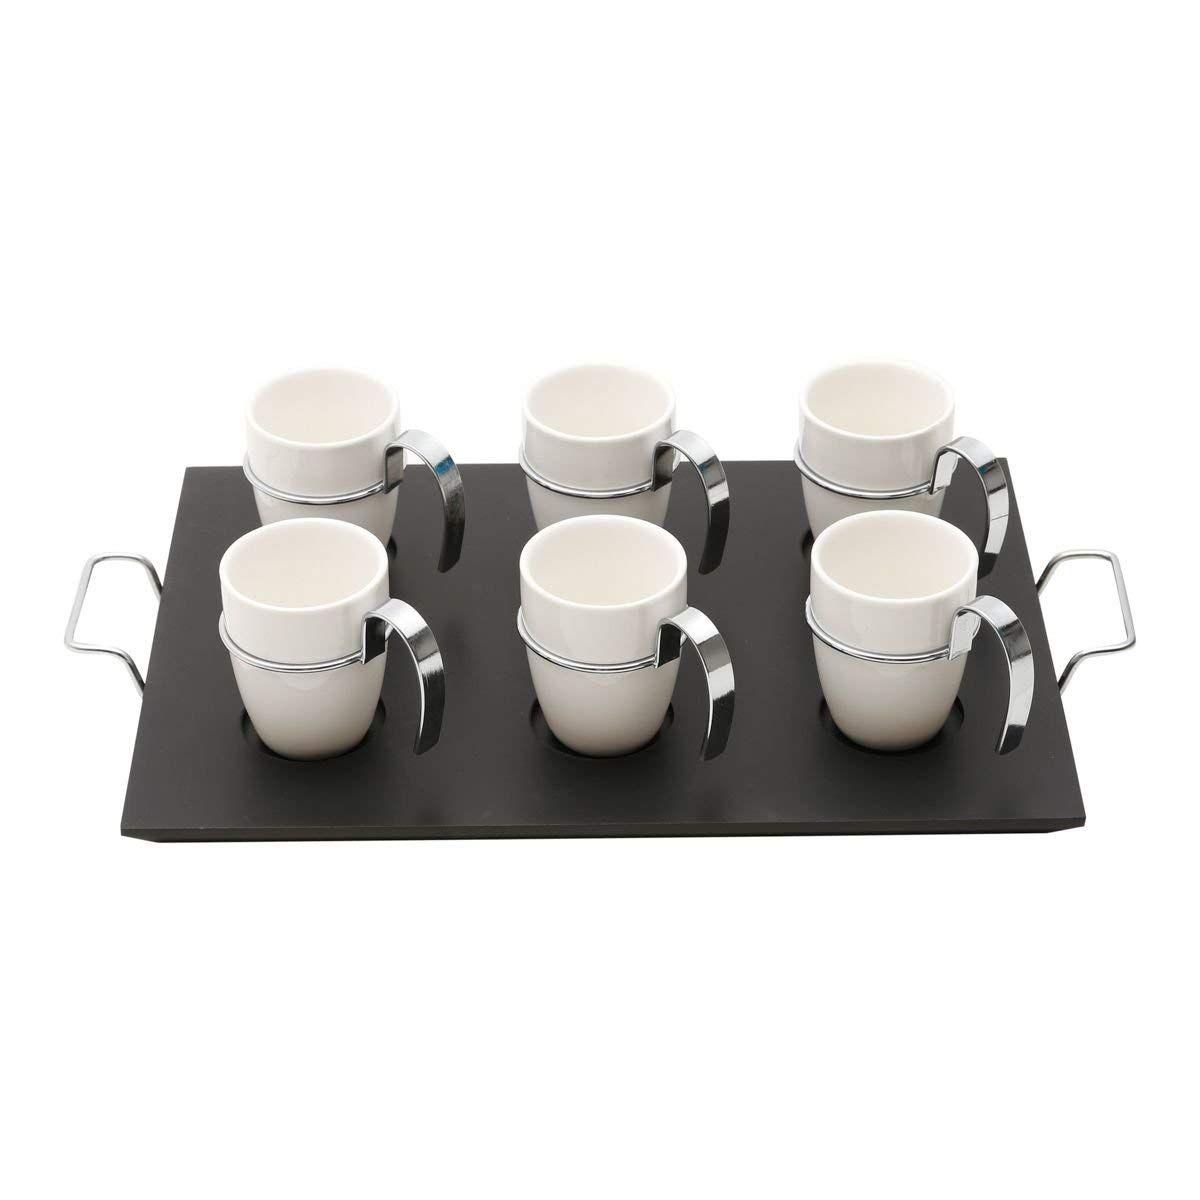 Conjunto de 6 Xícaras de Café de Porcelana com Cabo de Metal 75m